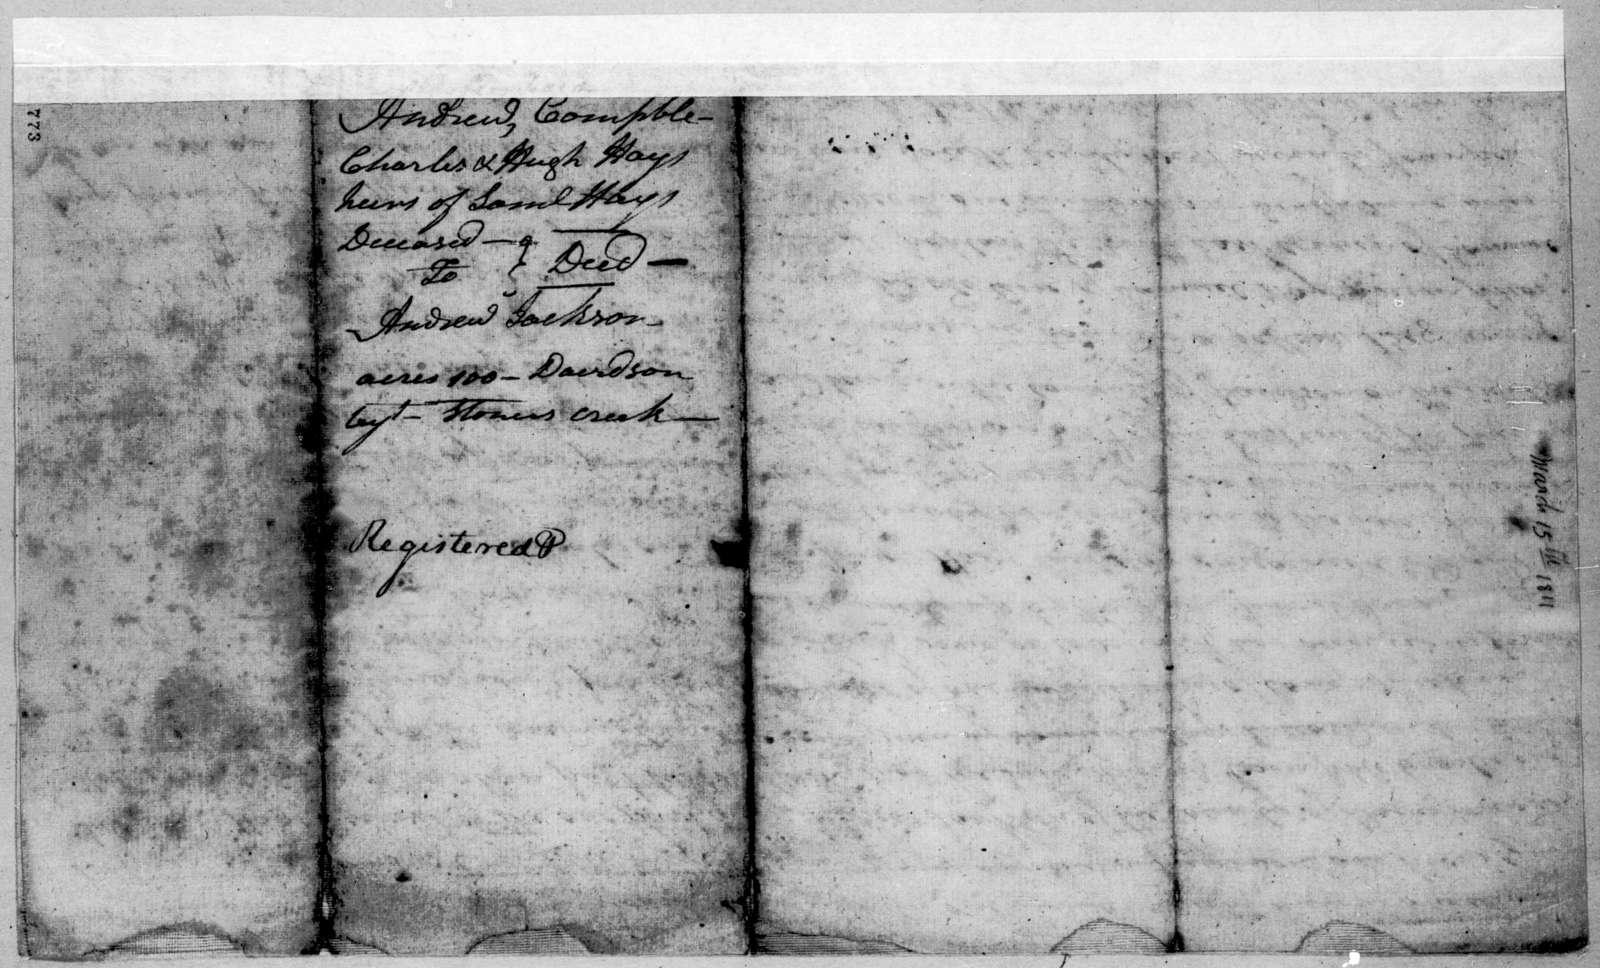 Andrew Hays et al.. to Andrew Jackson, March 15, 1811